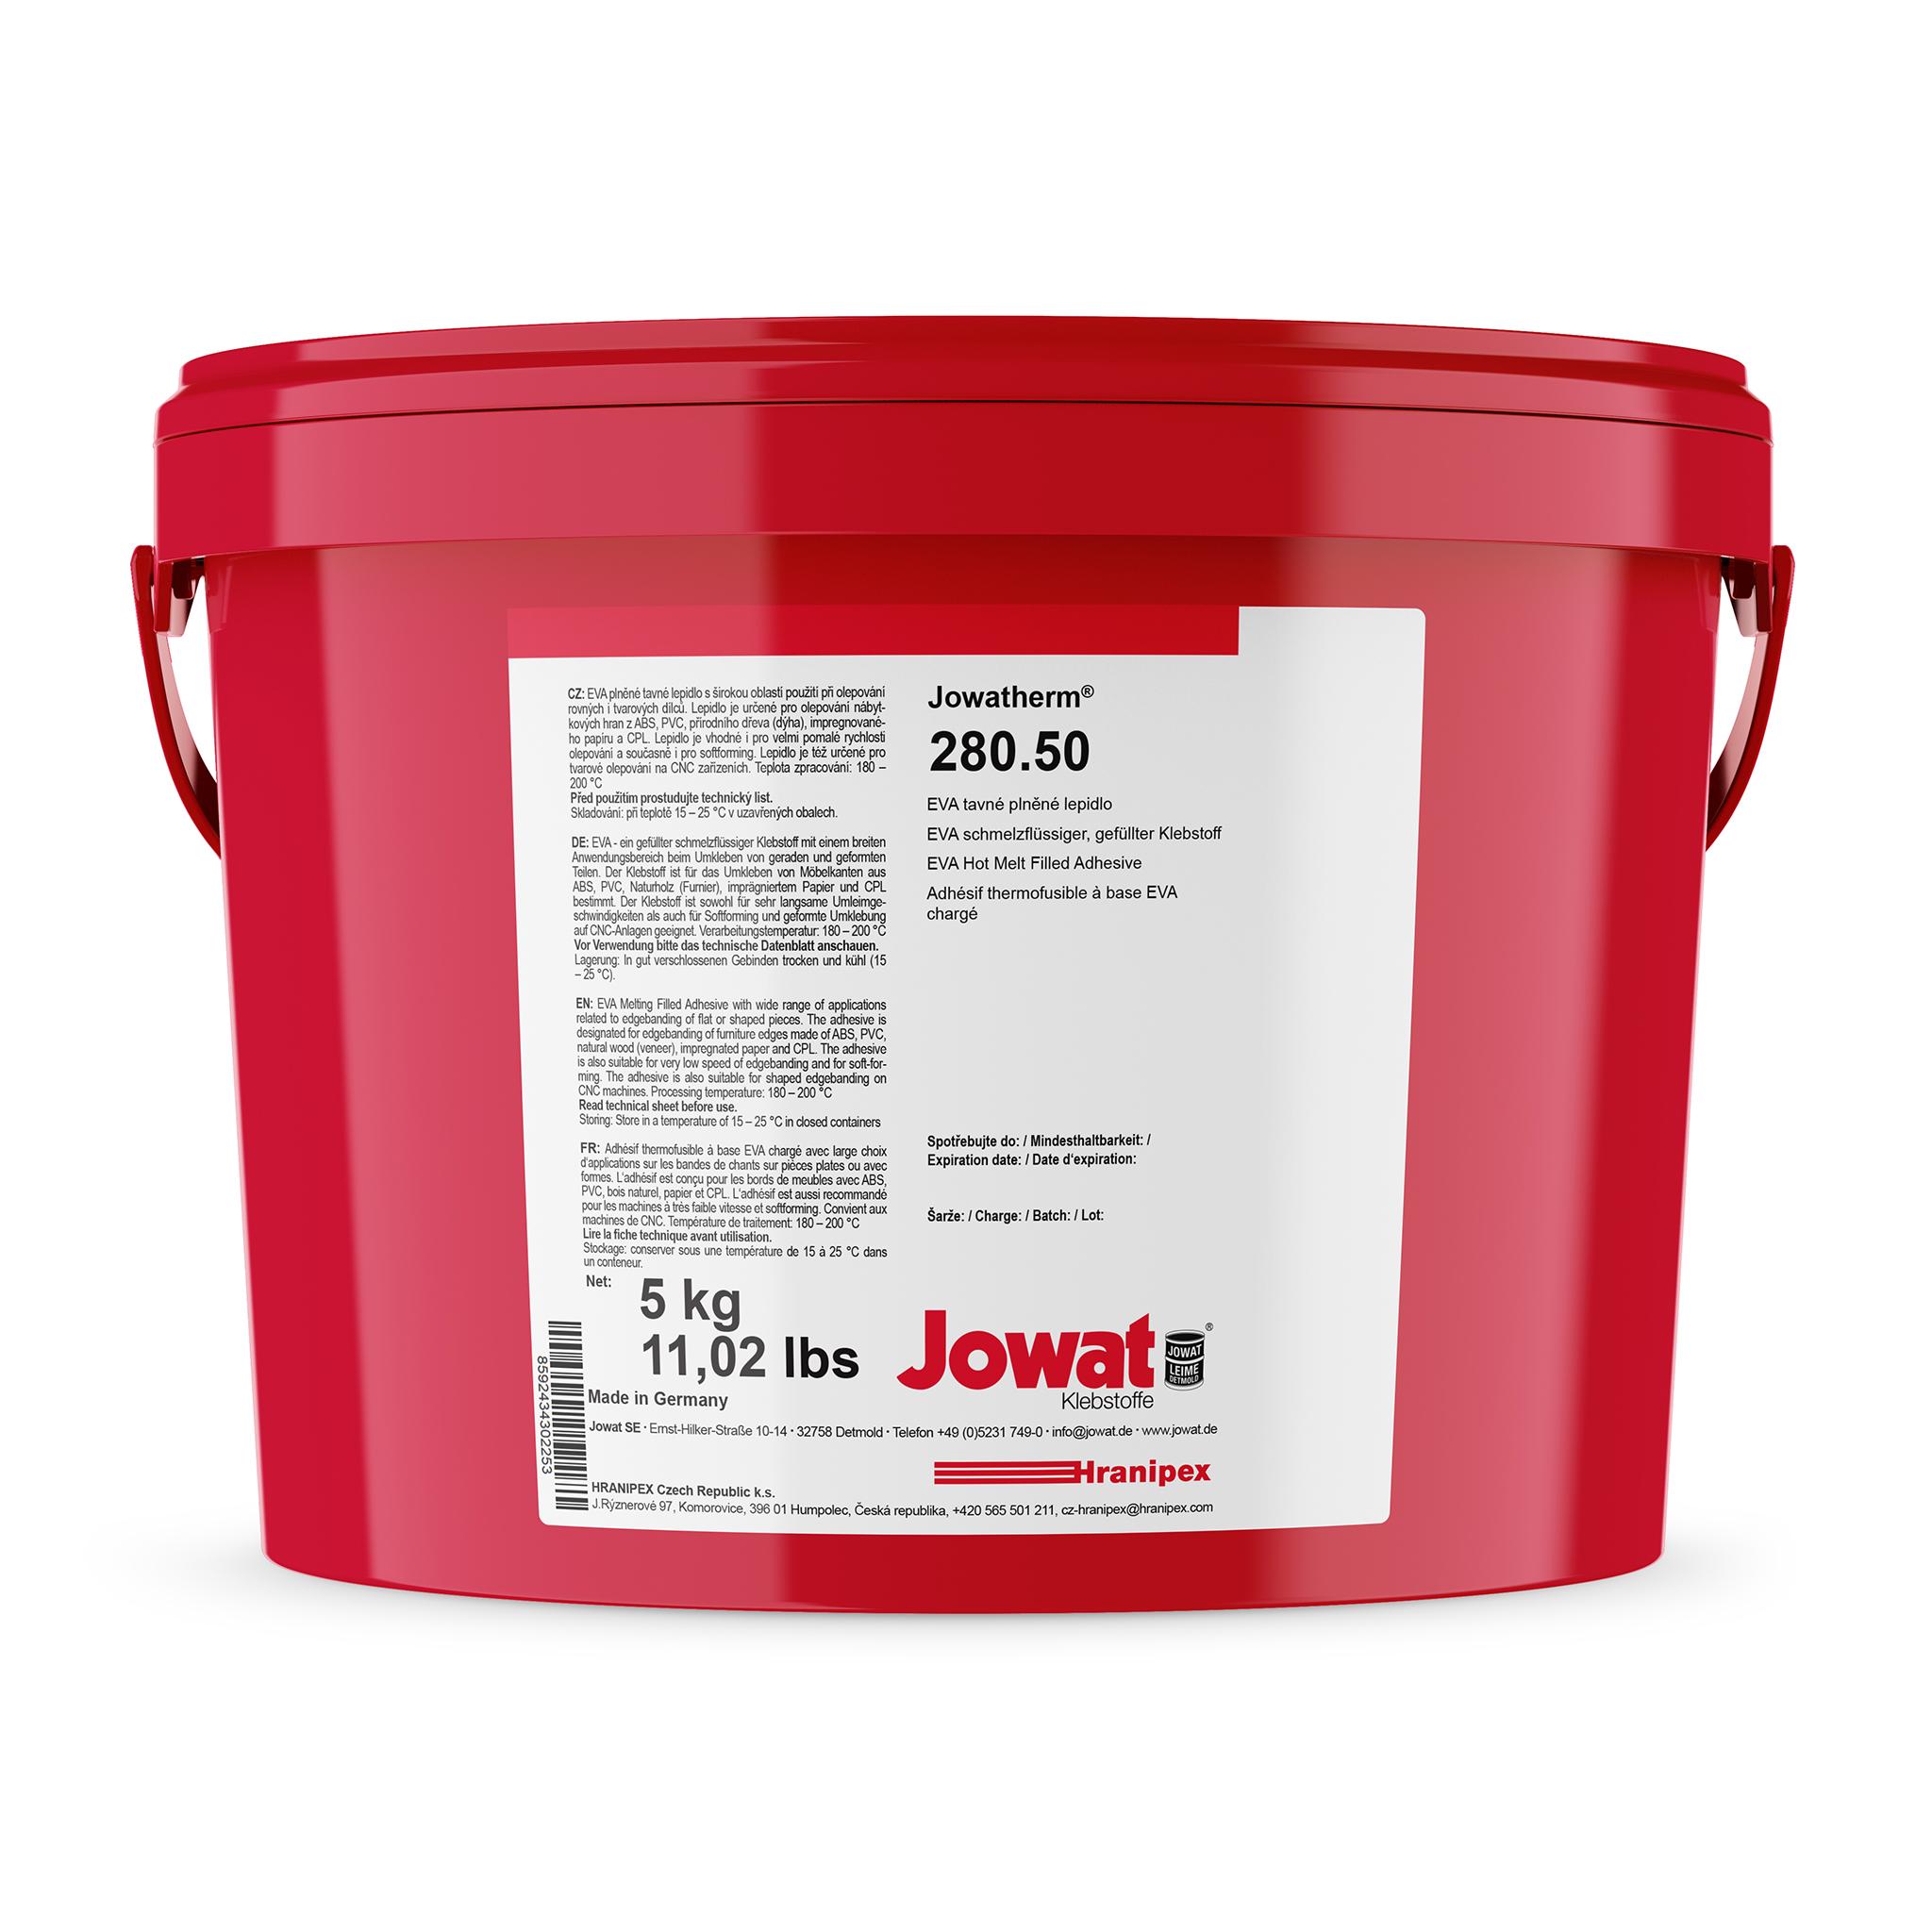 JOWATHERM 280.50 natur - EVA Schmelzkleber Granulat 5 kg granule